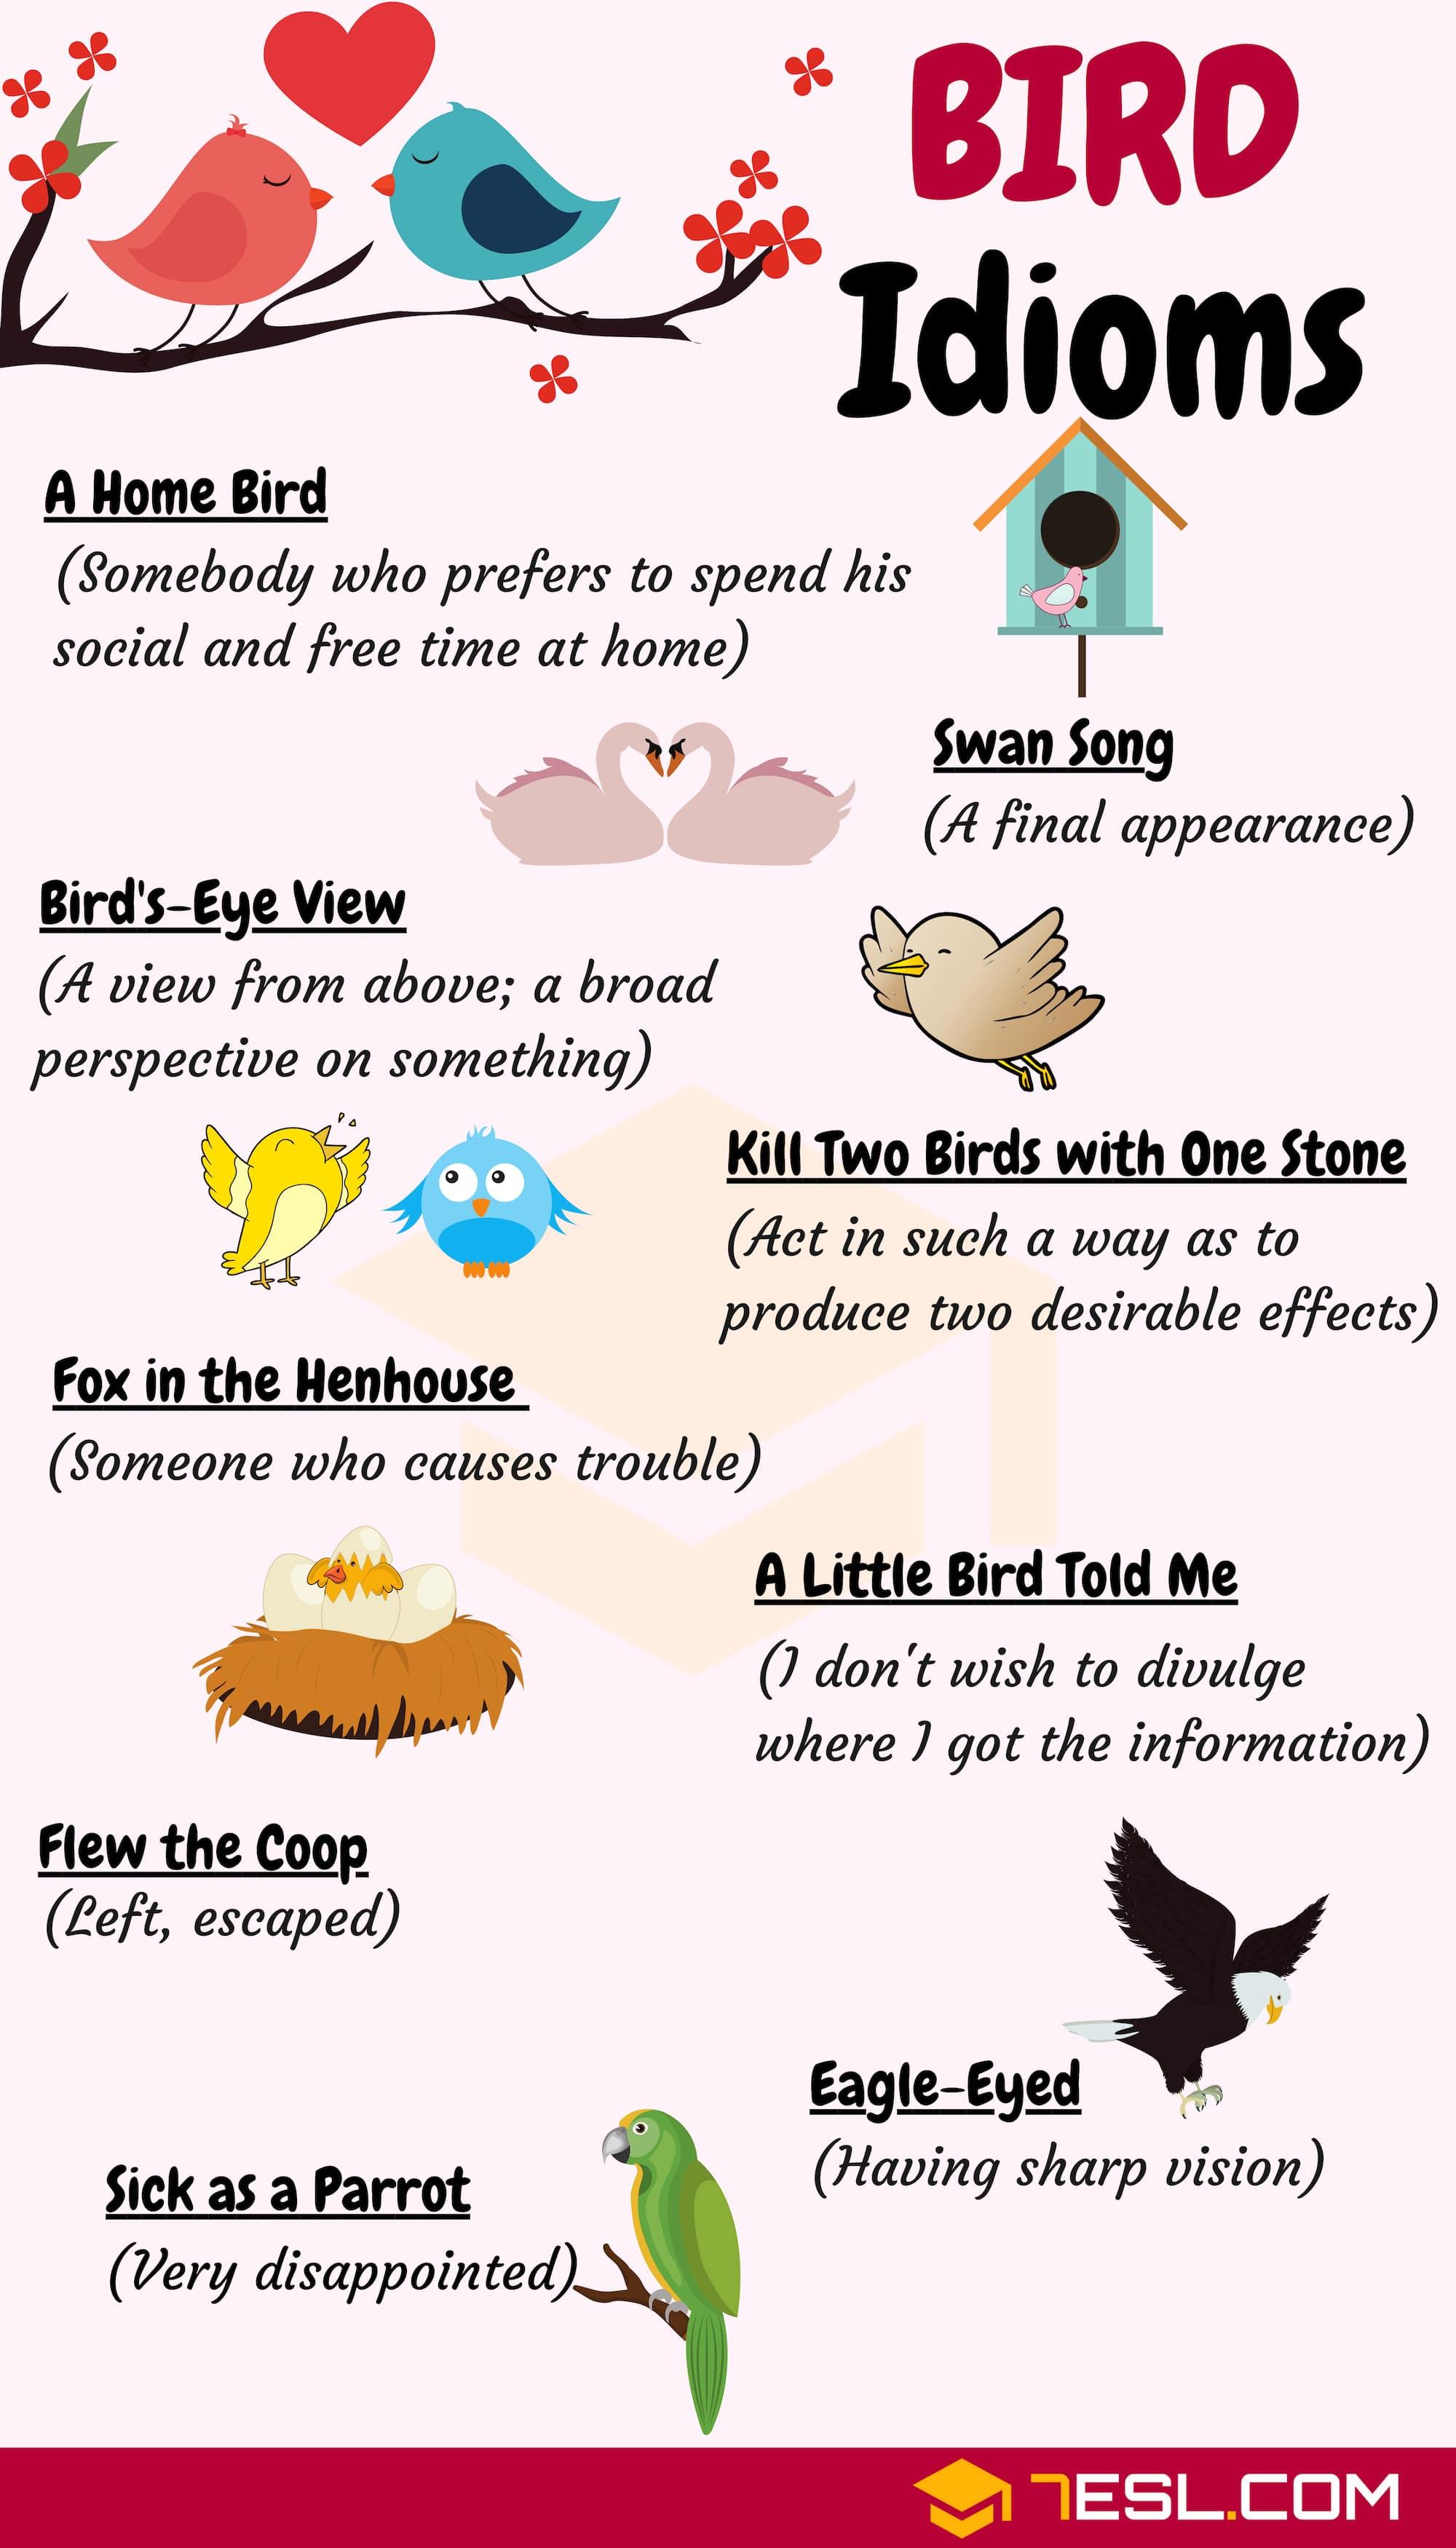 BIRD Idioms